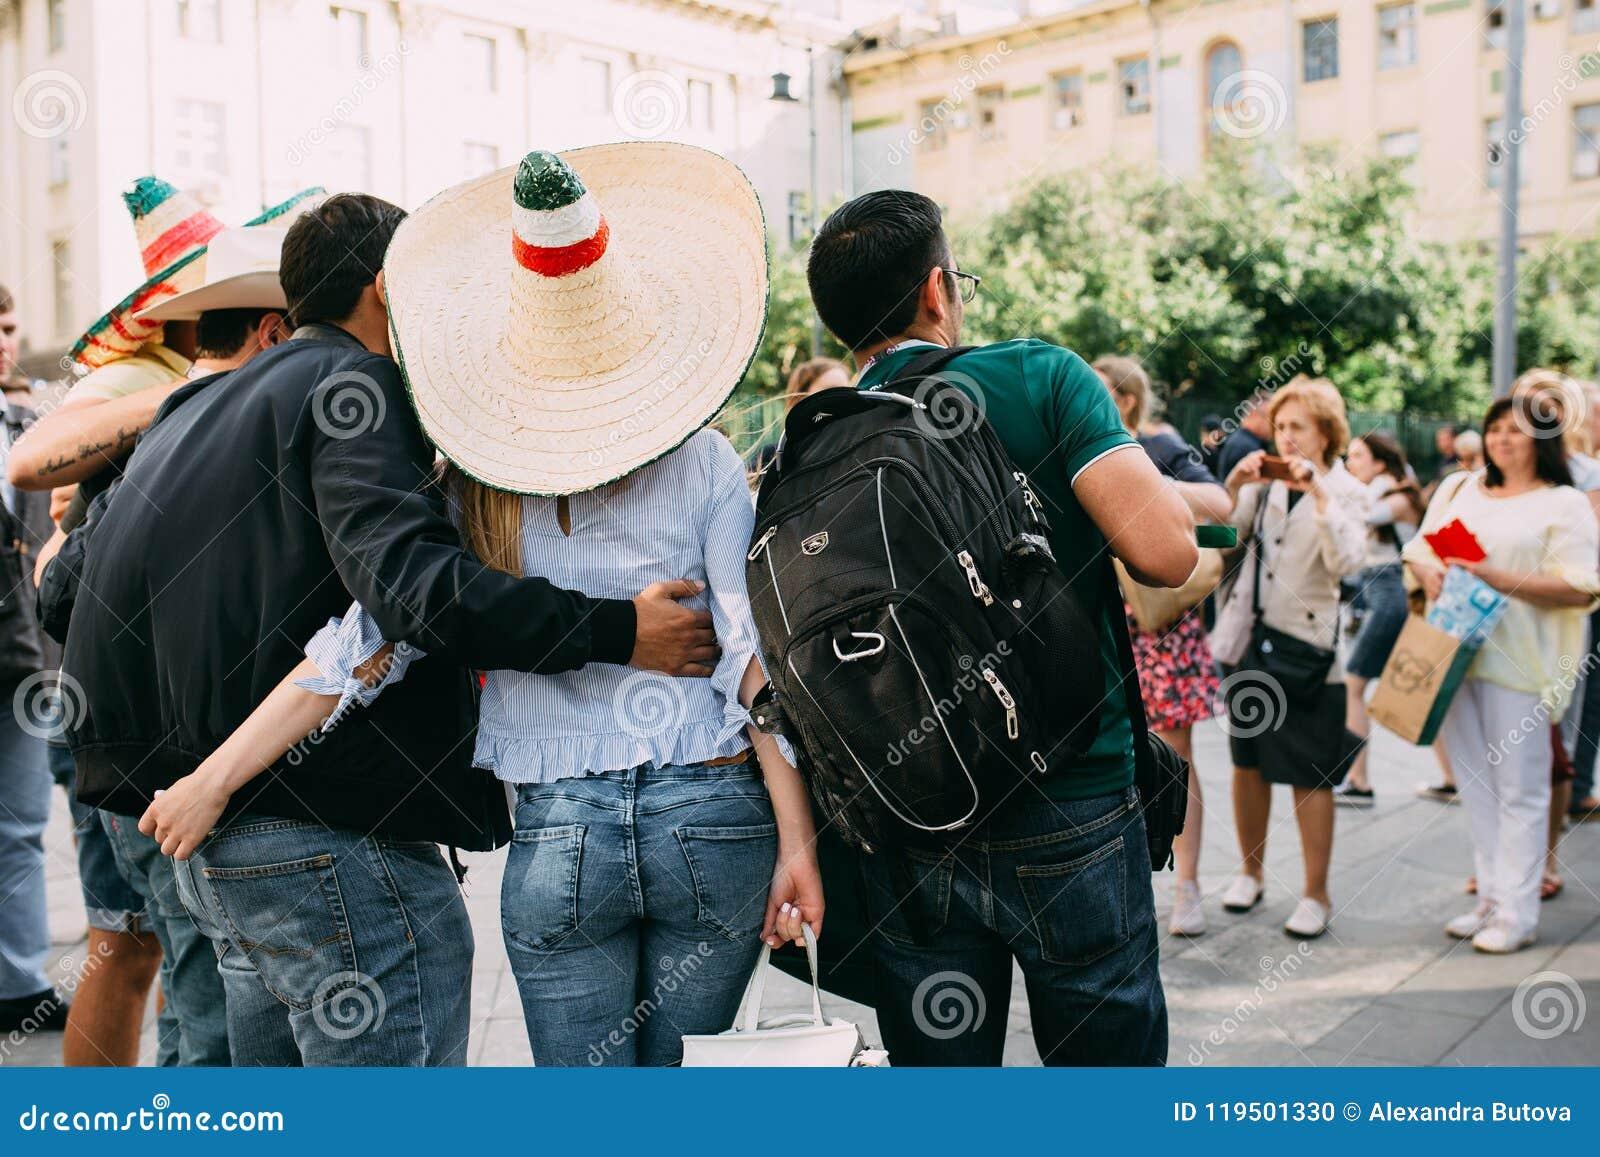 MOSCÚ, RUSIA - JUNIO DE 2018: Las fans de México se fotografían con las muchachas rusas con la bandera del país y en un sombrero